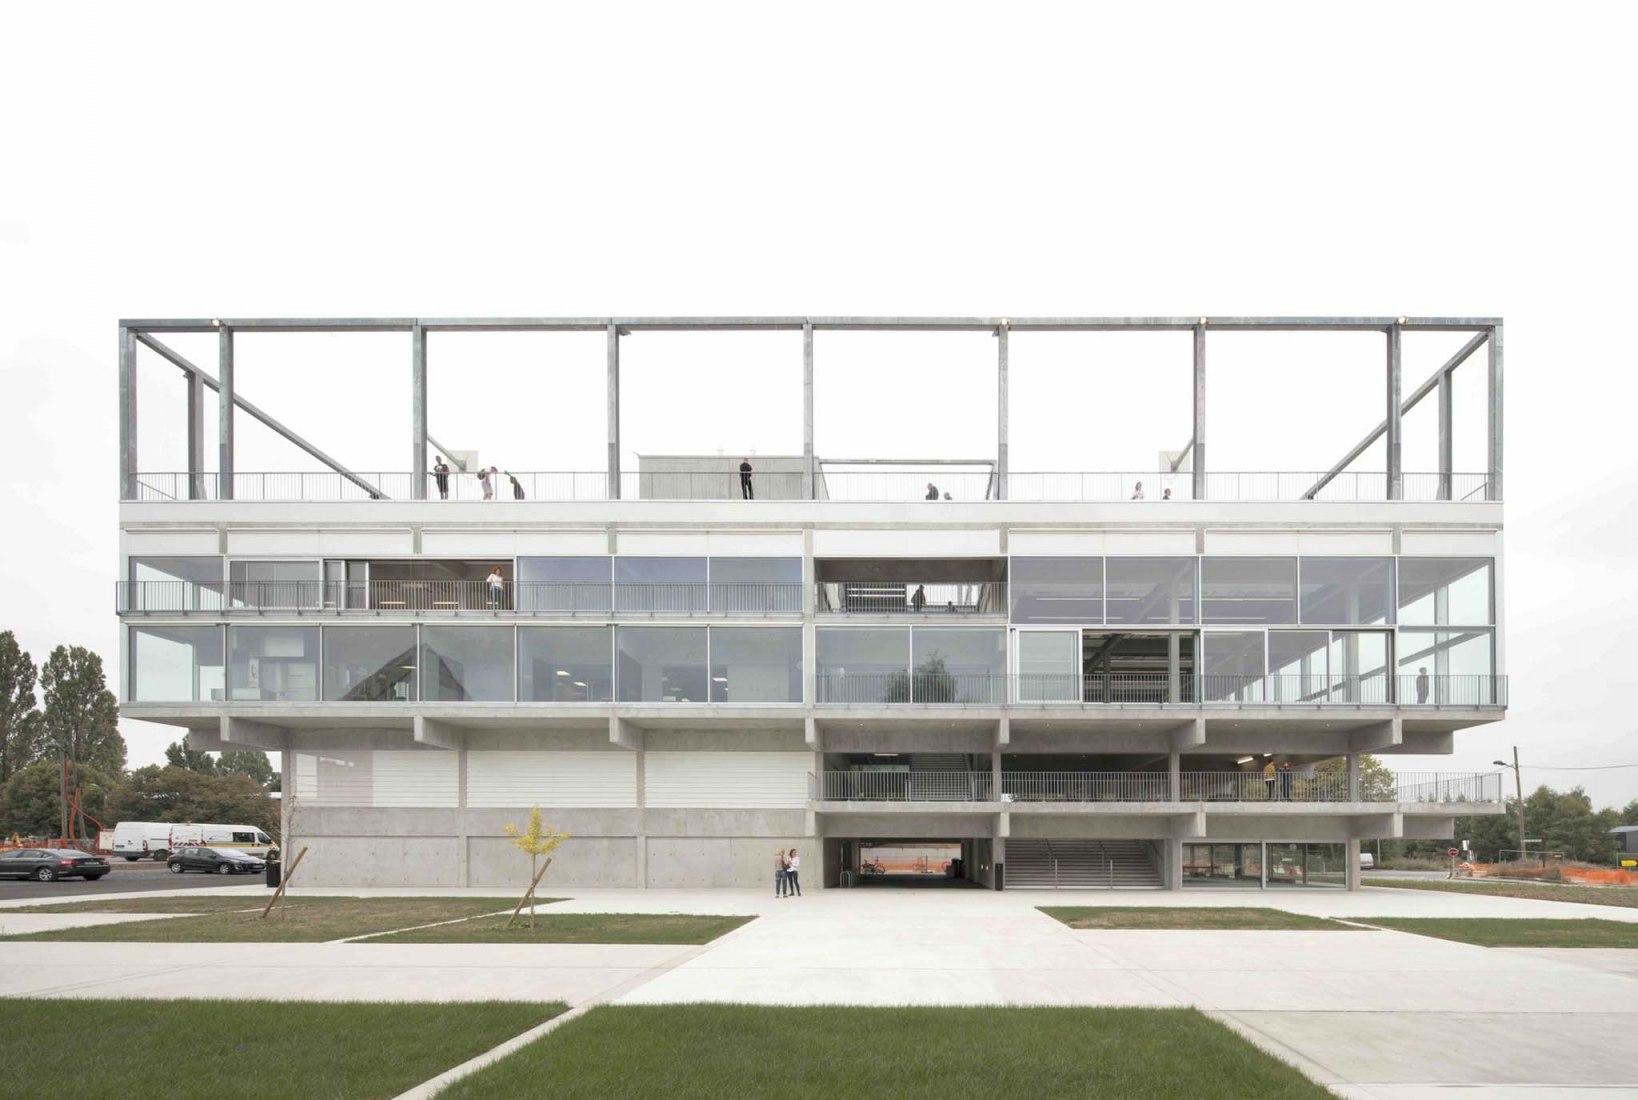 Condensador público por Muoto Architects. Fotografía © Maxime Delvaux